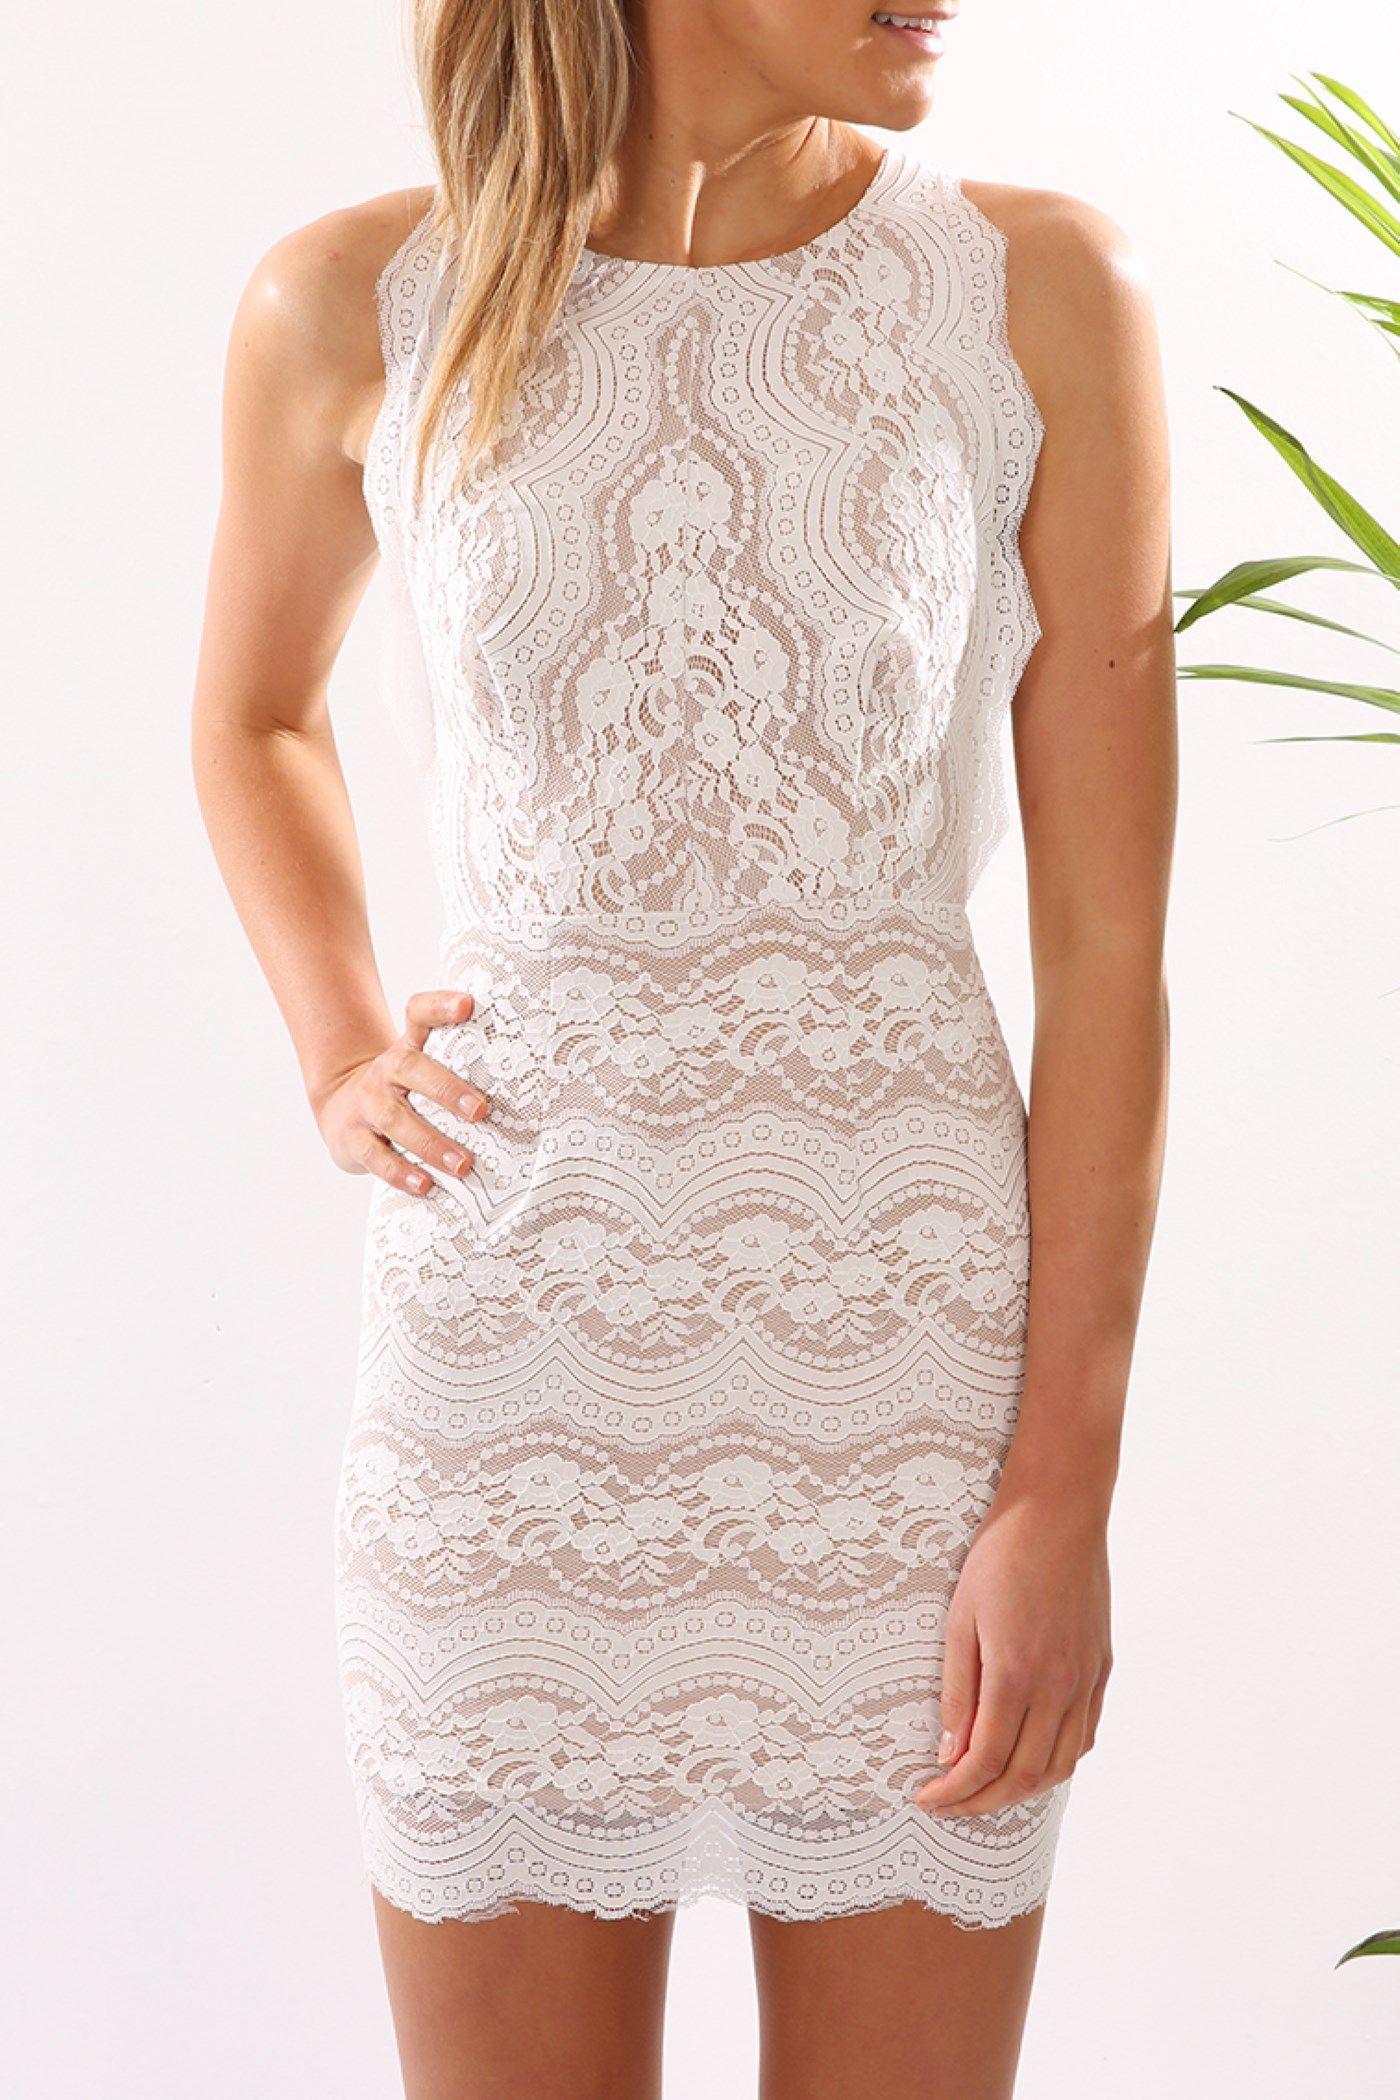 003a60fbbcb Alec Dress White